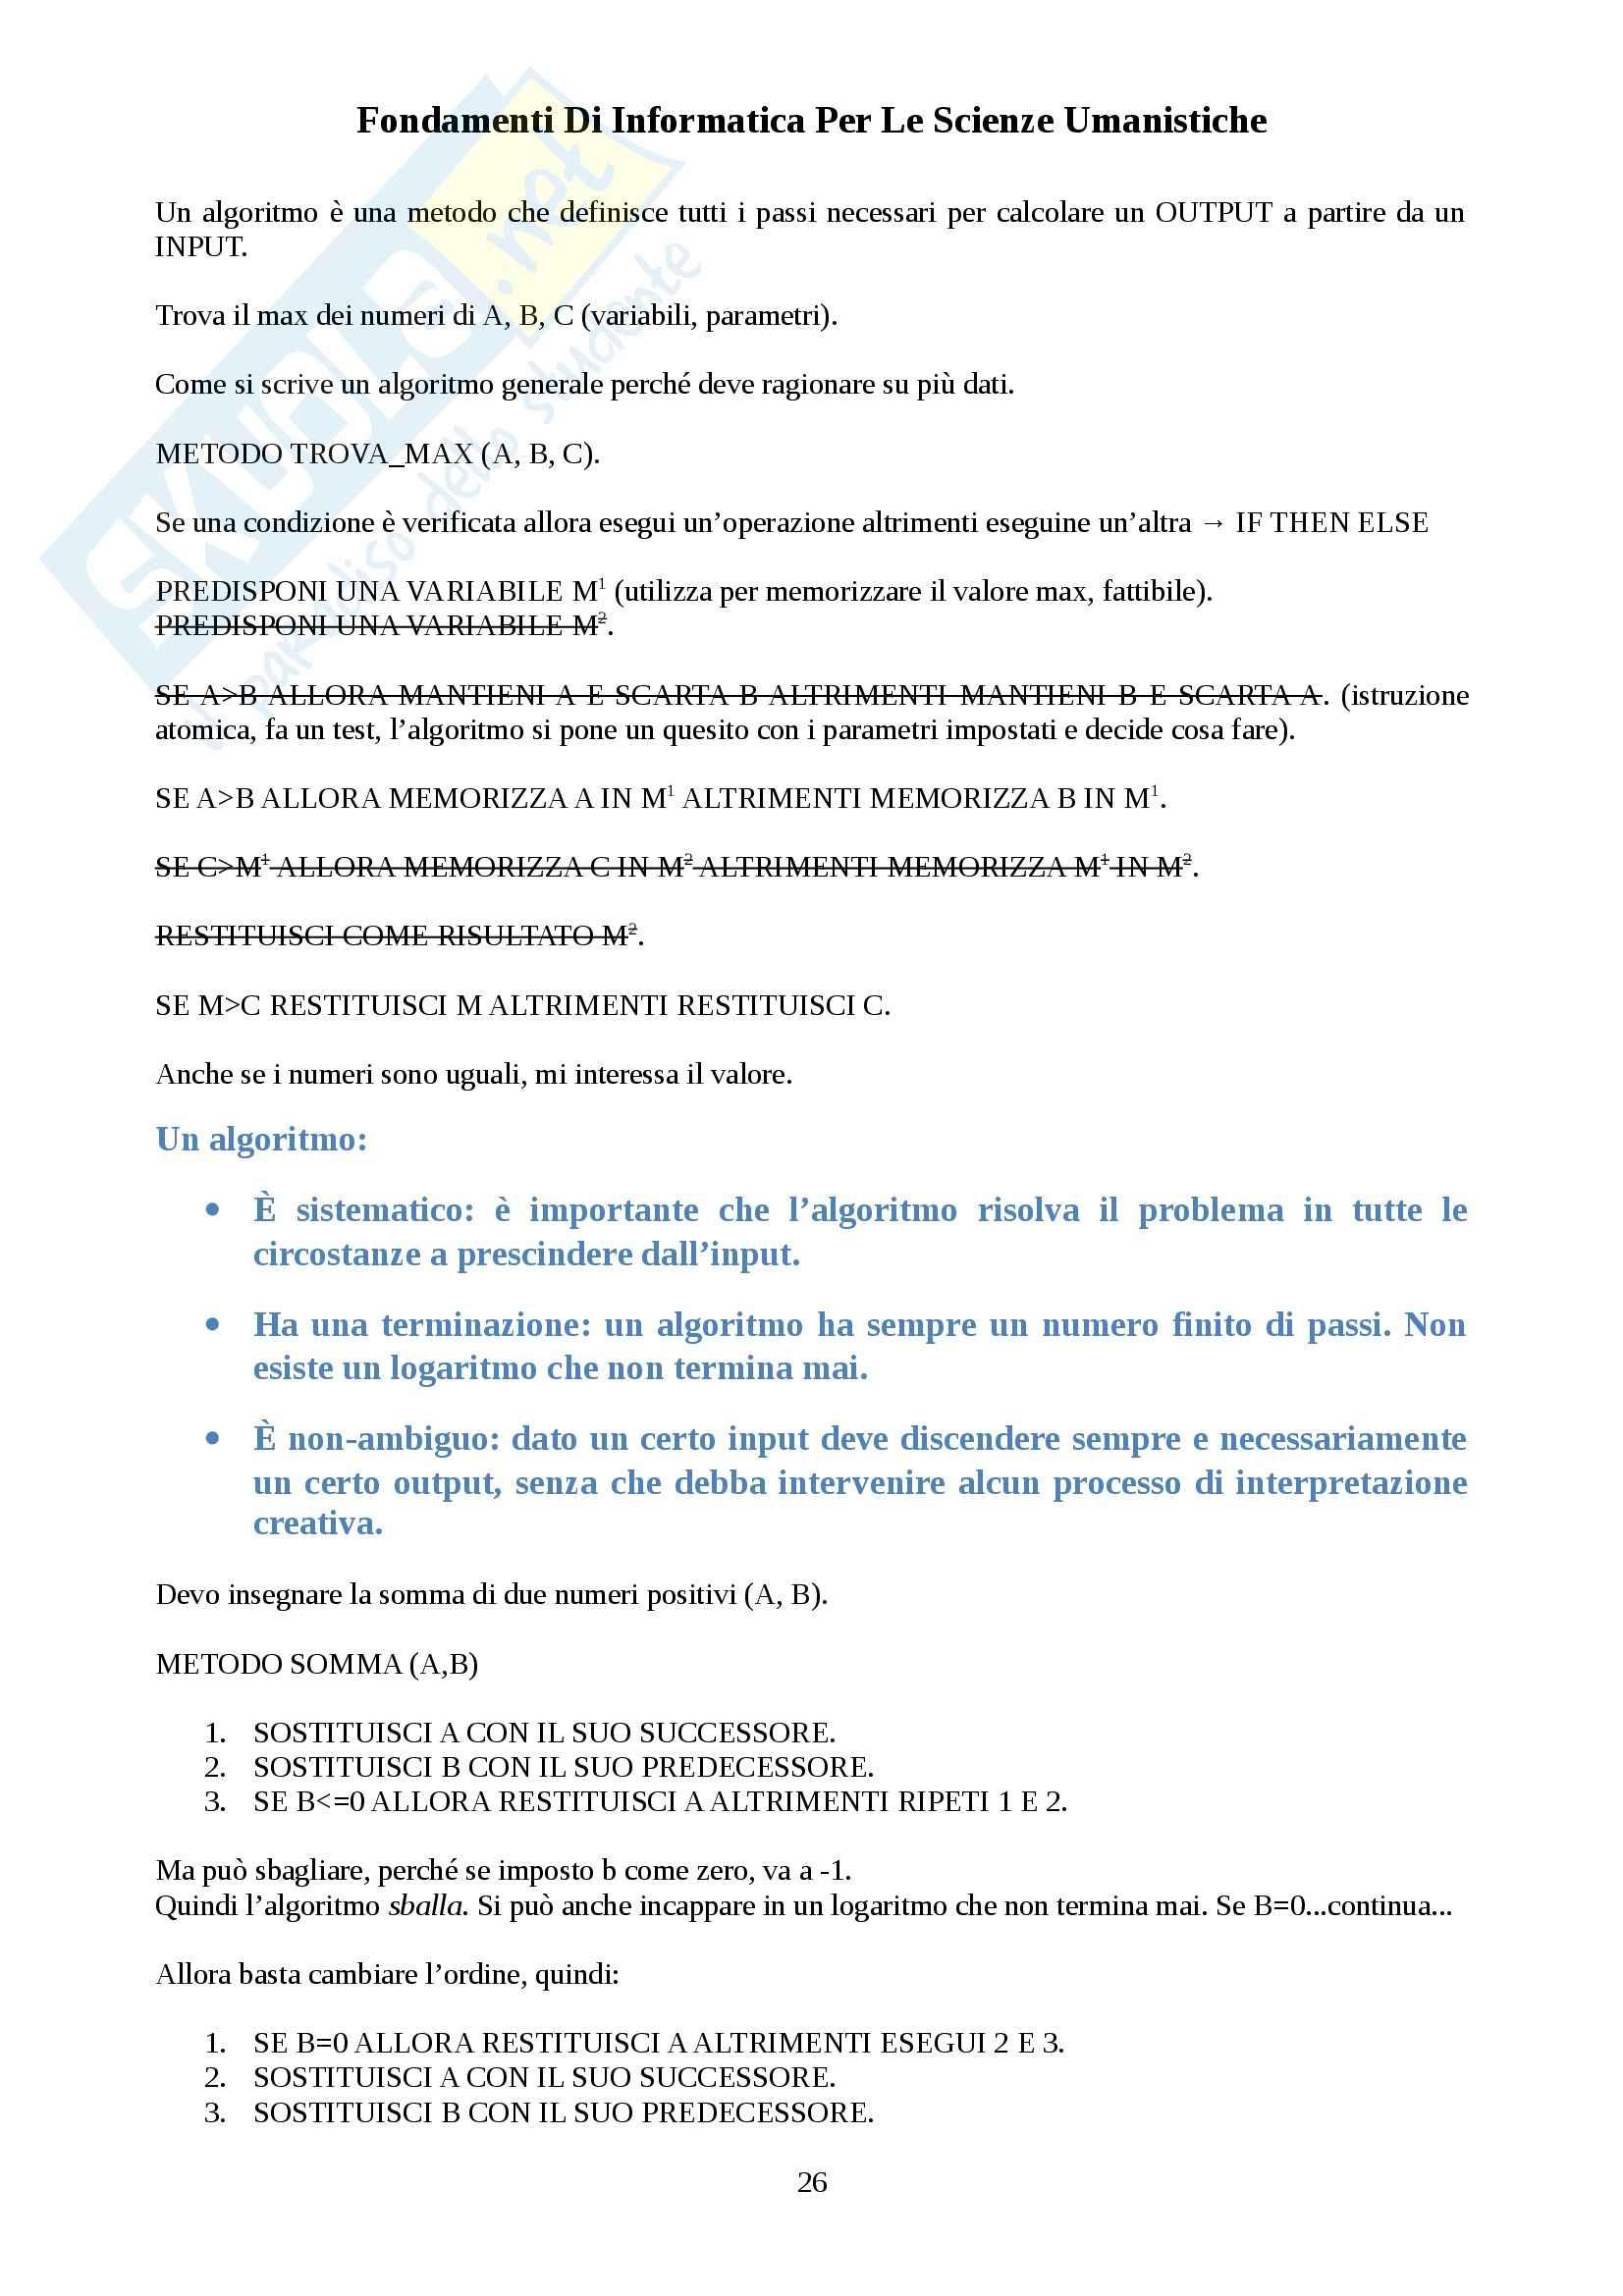 Fondamenti di Informatica per Le Scienze Umanistiche - Appunti Pag. 26